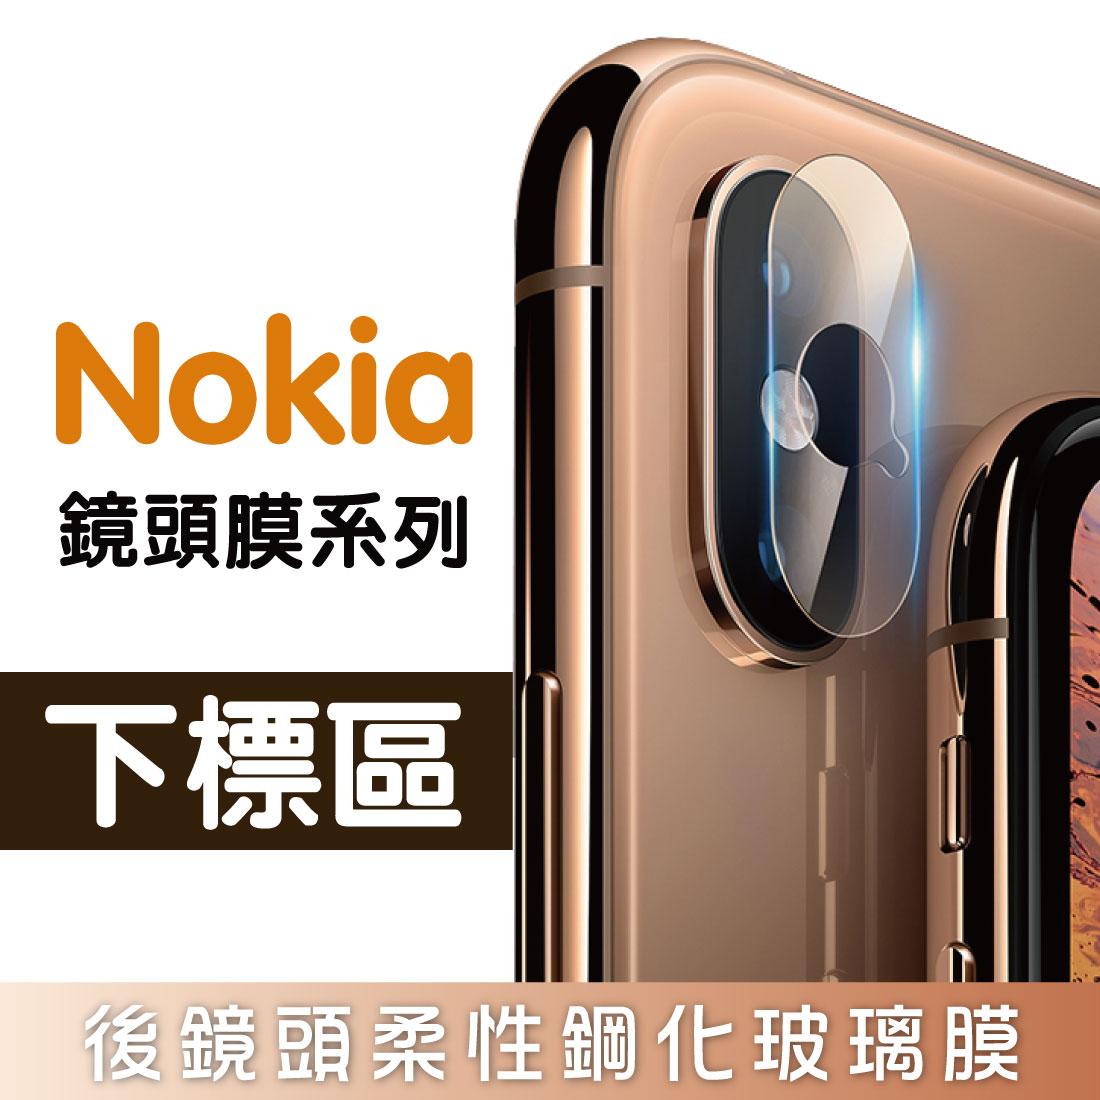 【Nokia】鏡頭保護系列 6 8.1 / X7 X71 後鏡頭鋼化保護貼【全館299免運】